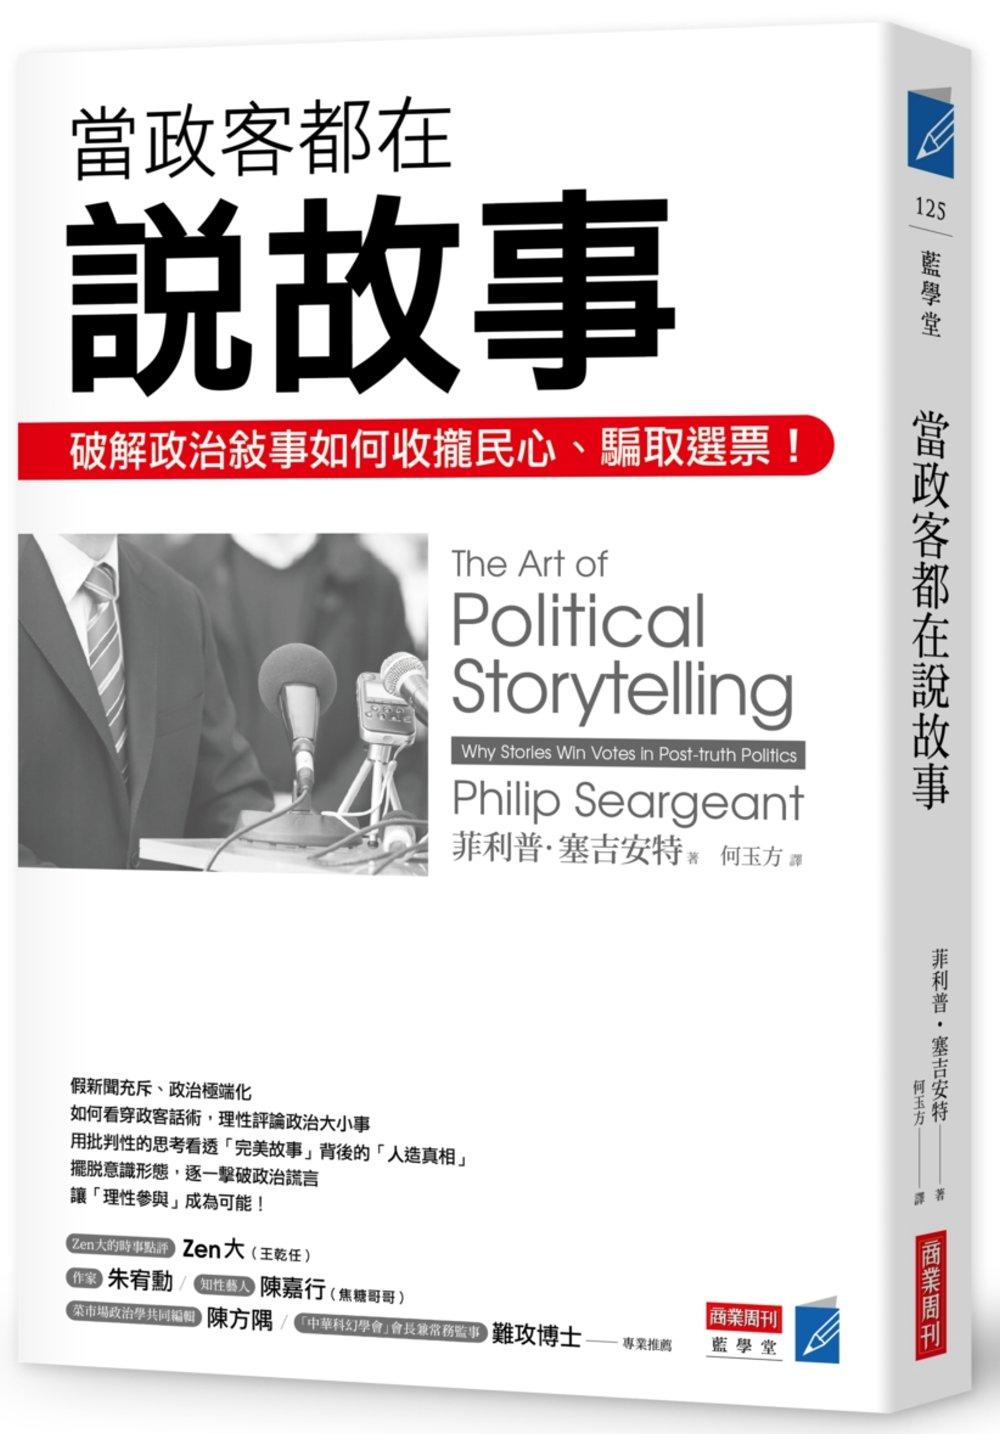 當政客都在說故事:破解政治敘事如何收攏民心、騙取選票!